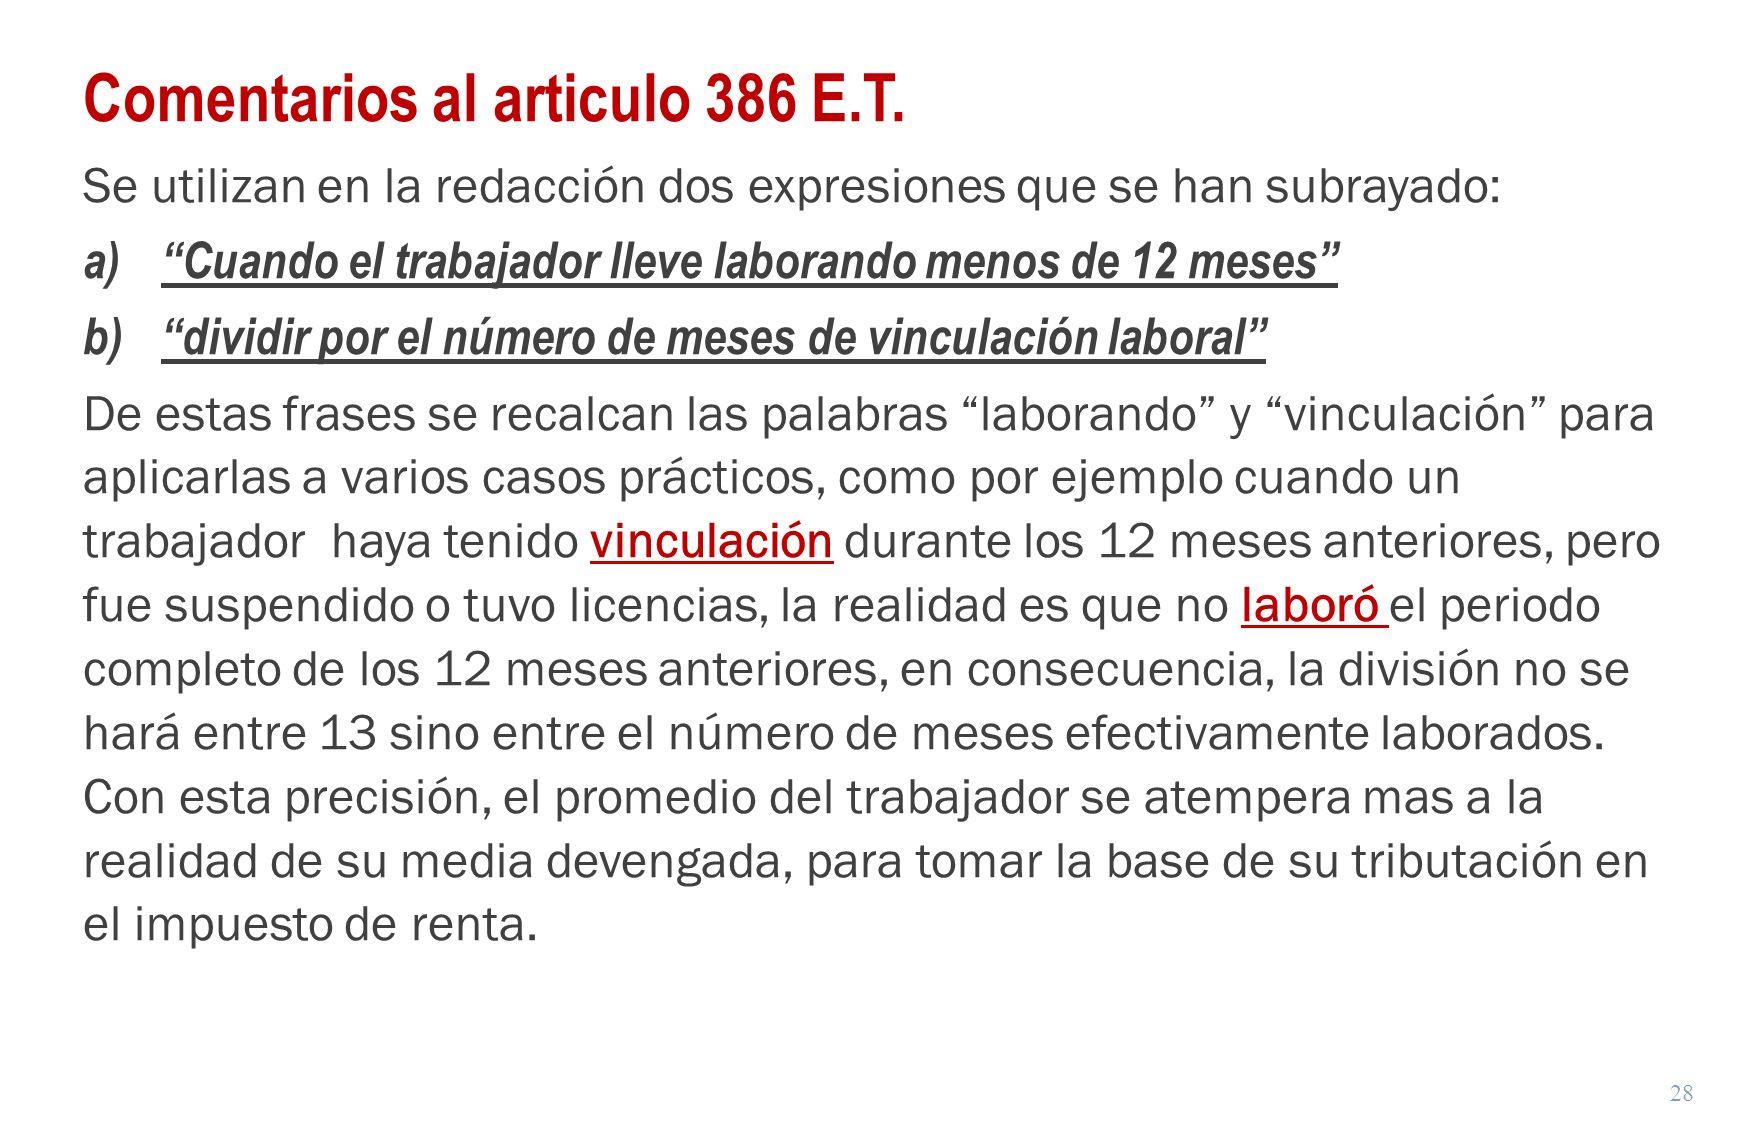 28 Comentarios al articulo 386 E.T. Se utilizan en la redacción dos expresiones que se han subrayado: a)Cuando el trabajador lleve laborando menos de